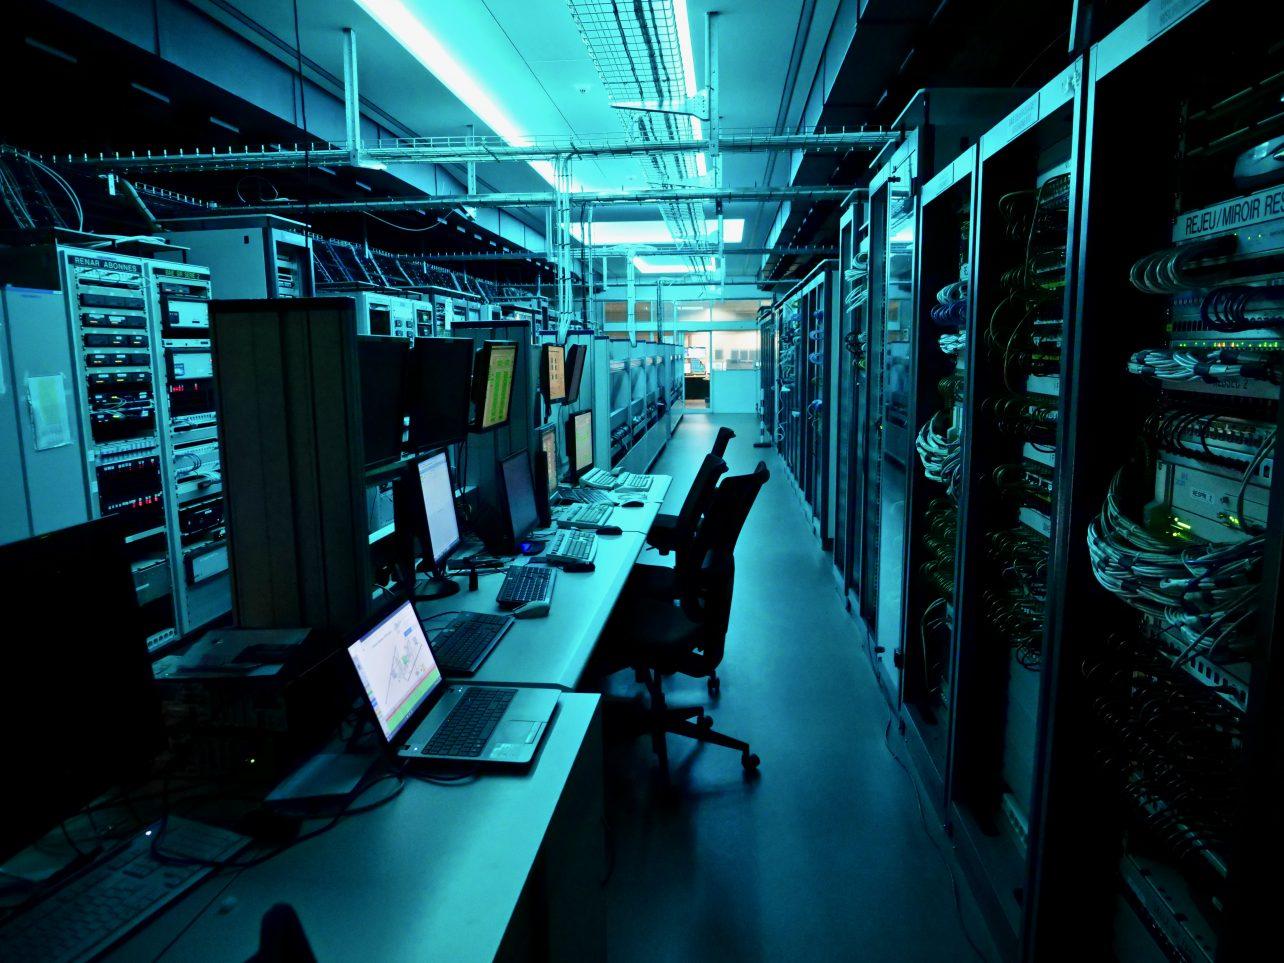 Une lumière bleue et les serveurs de la tour de contrôle